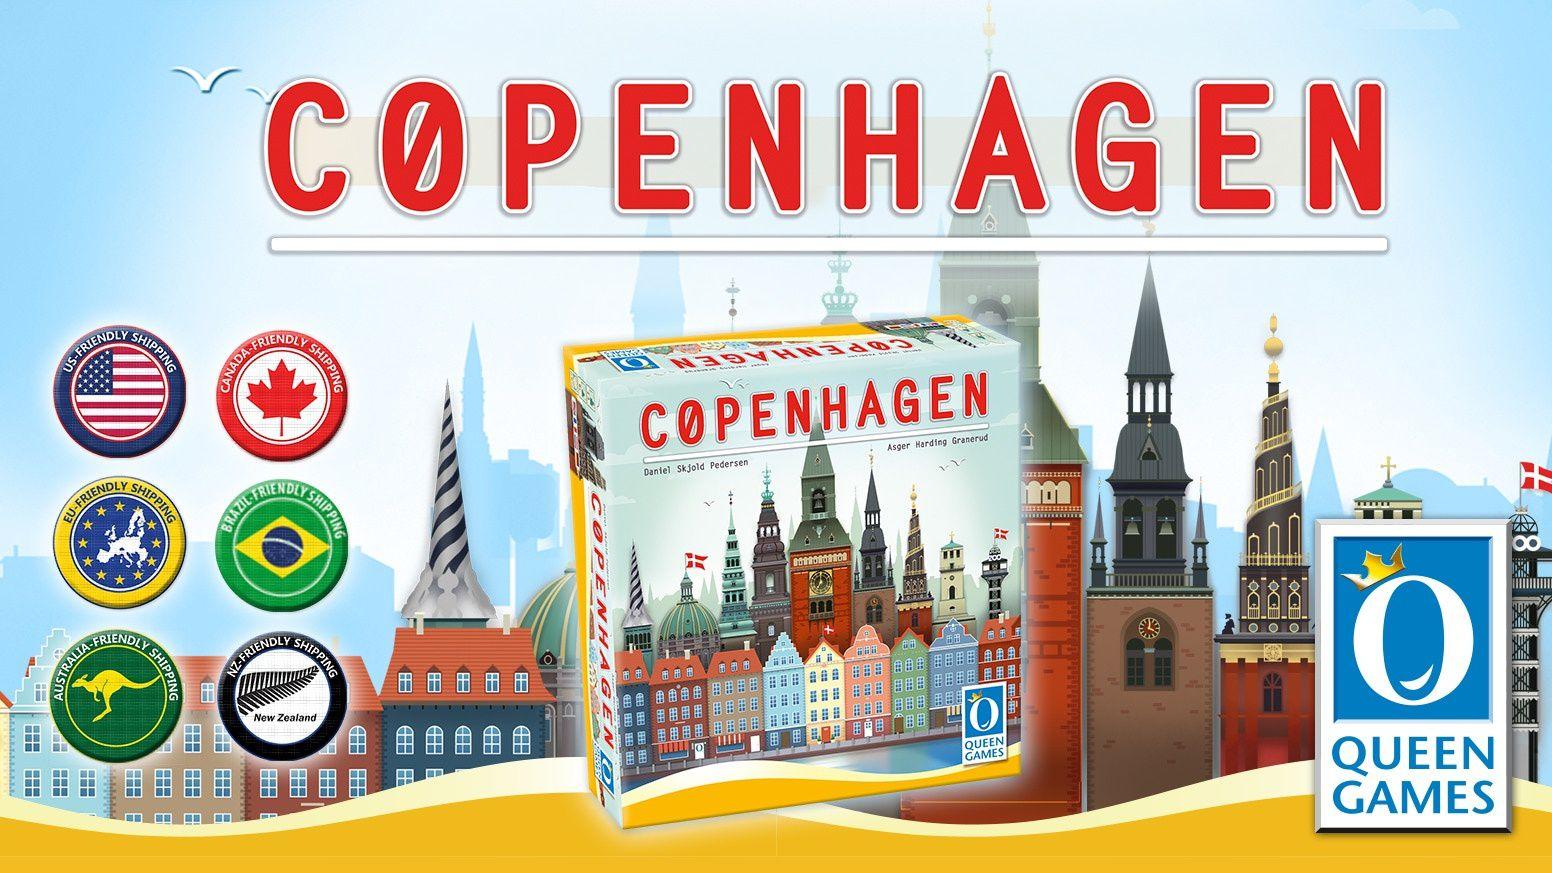 """[Image tirée du site Kickstarter] : """"Copenhagen"""", un croisement entre """"Les Aventuriers du Rail"""" et """"Patchwork"""", que j'ai hâte de tester, d'autant qu'il va arriver en mai prochain si tout va bien..."""